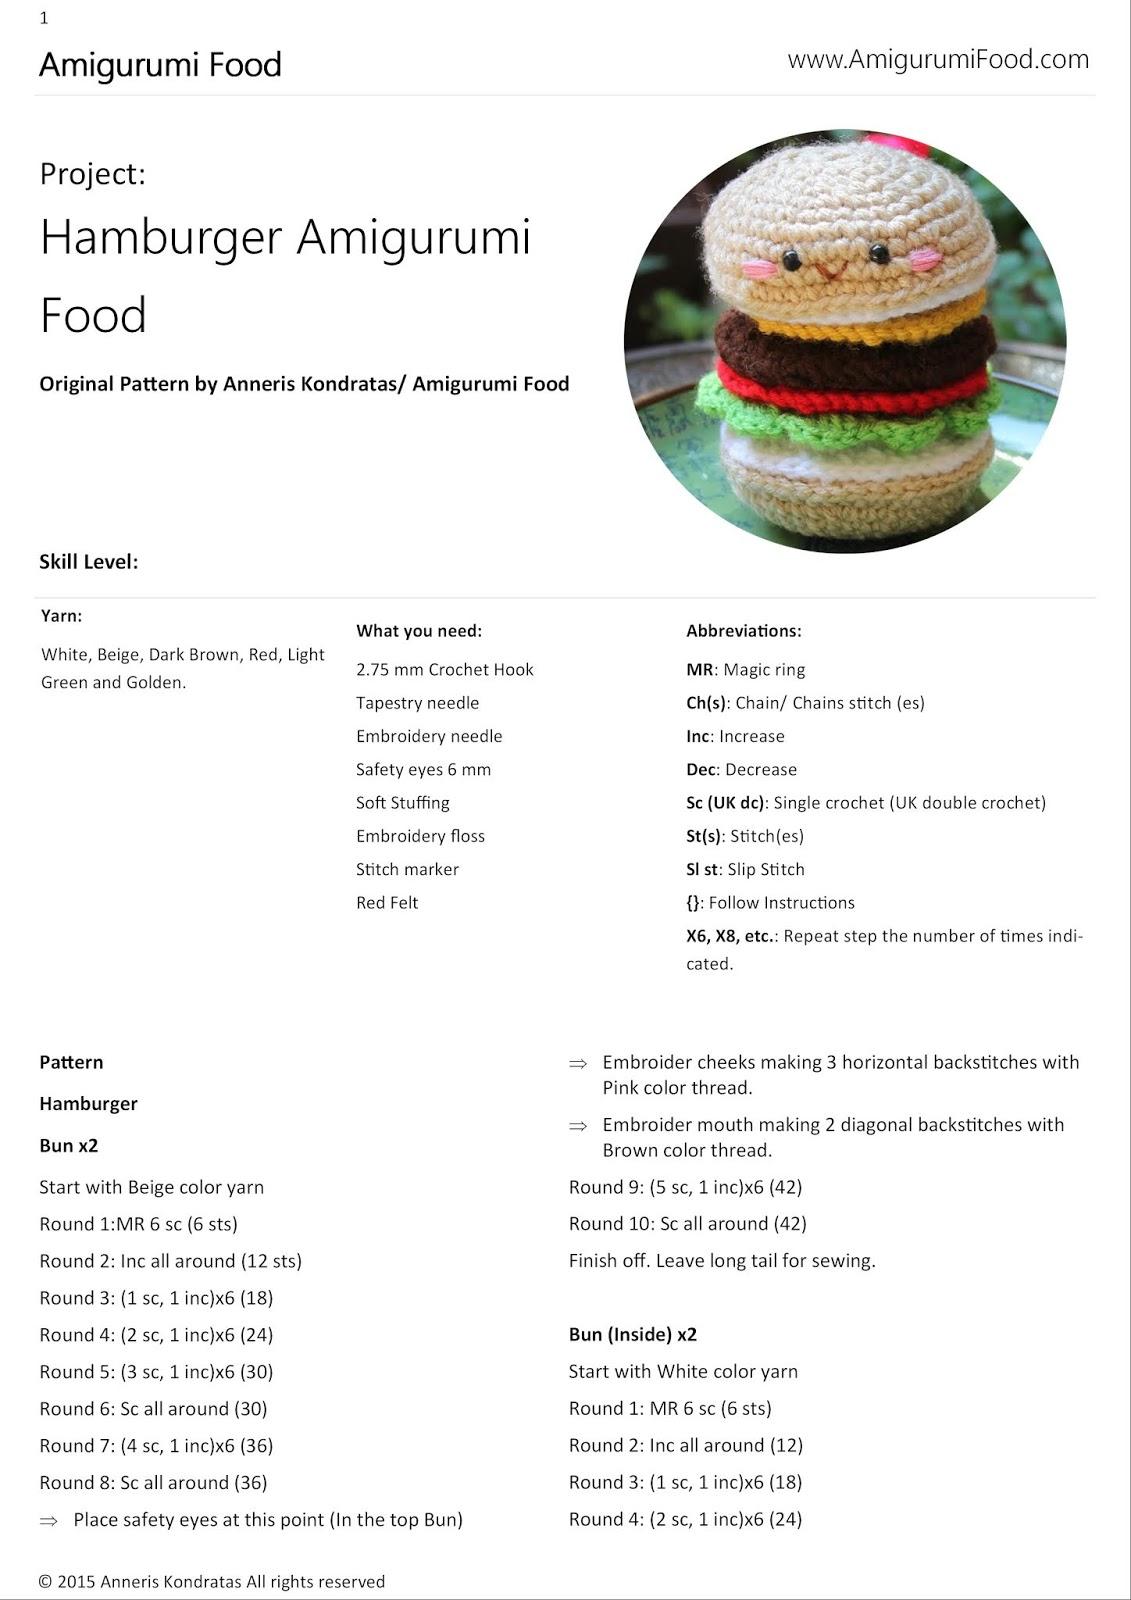 New Free crochet pattern Tea Bag Amigurumi food - Amigurumi ...   1600x1131